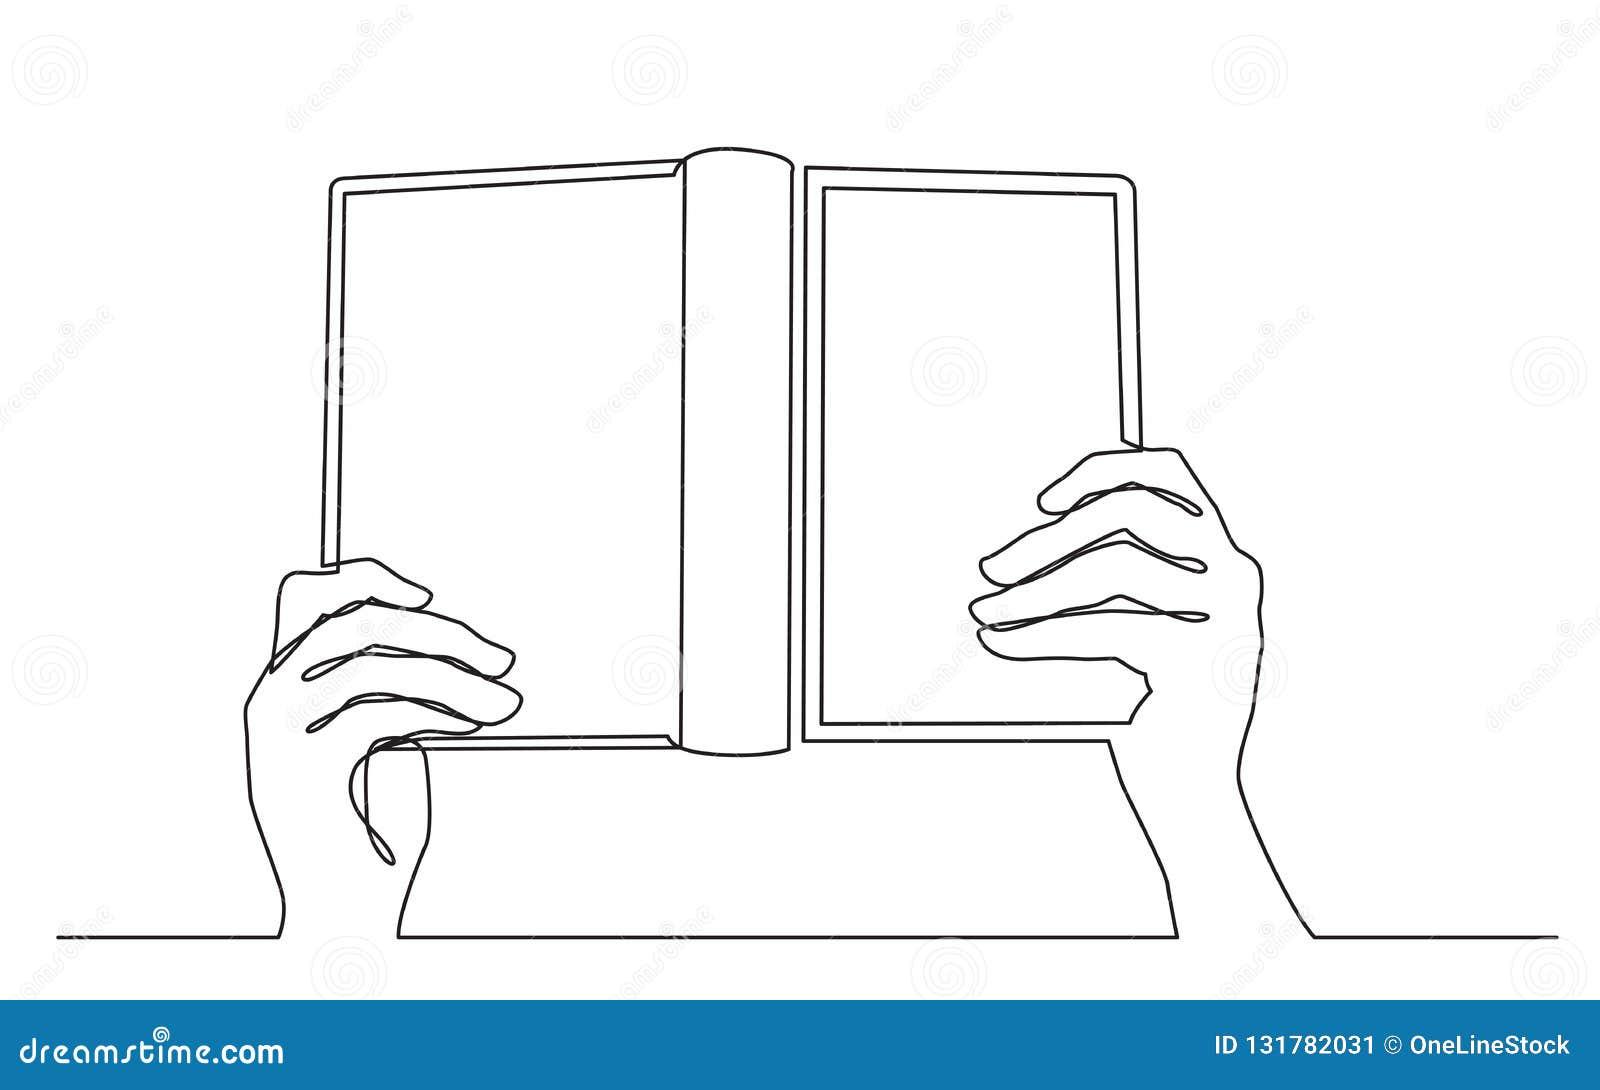 Dessin Au Trait Continu Des Mains Tenant Le Livre Ouvert